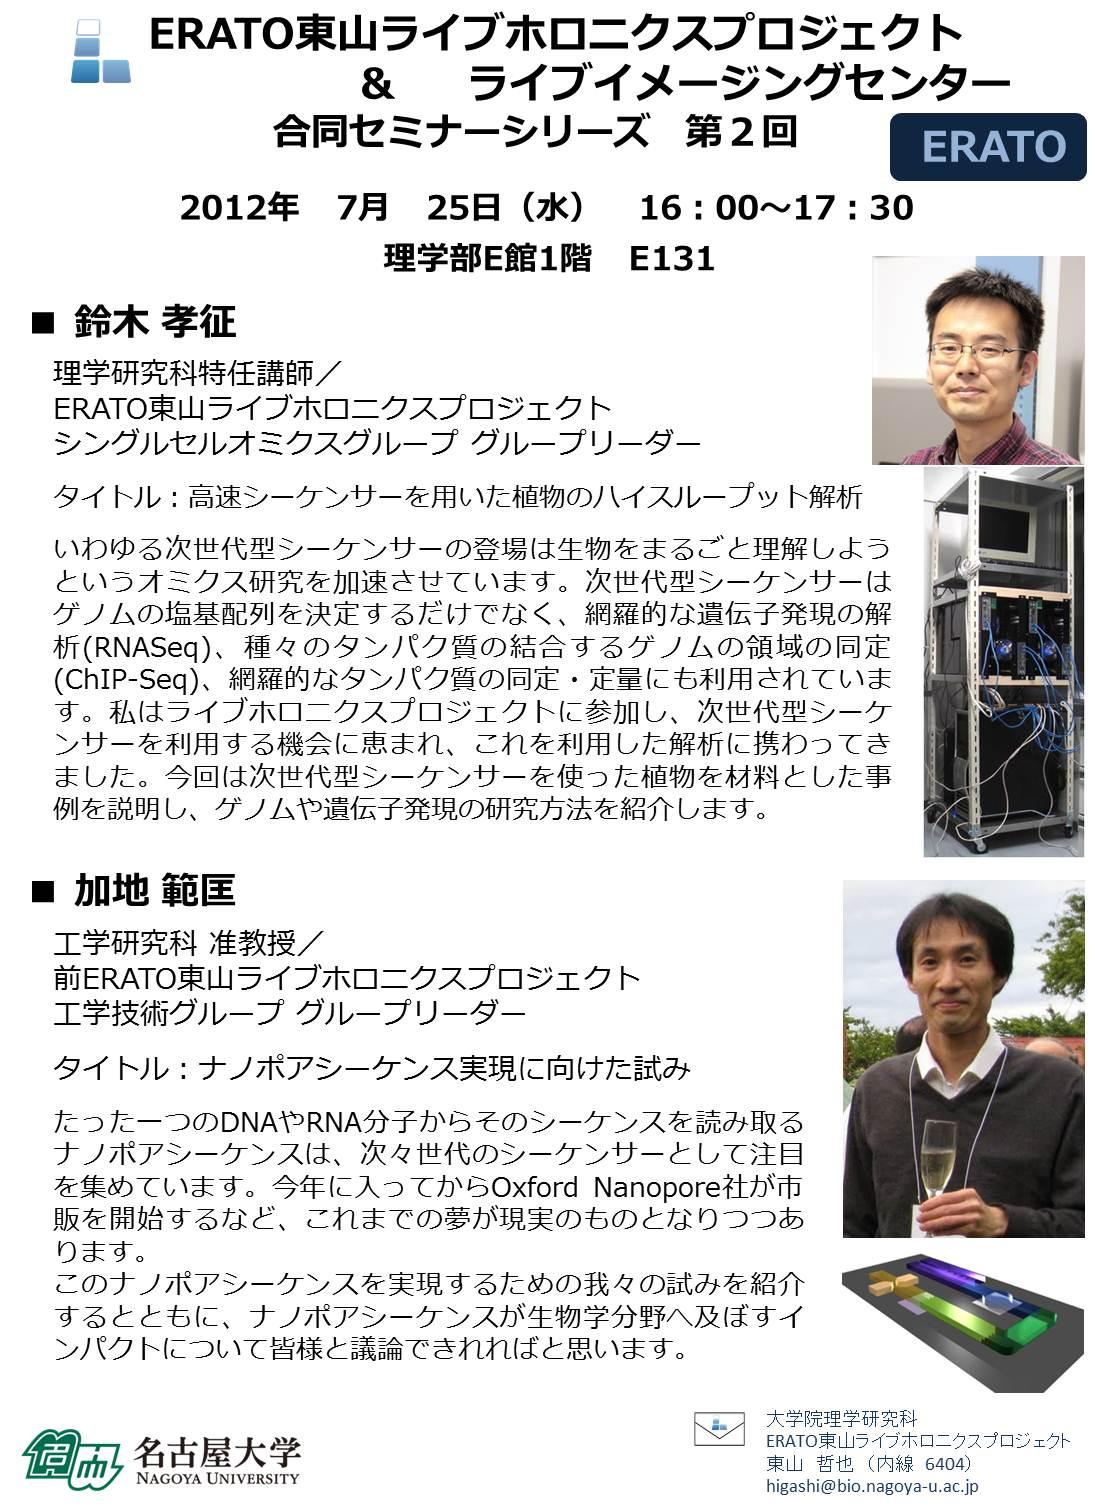 http://www.liveholonics.com/seminar/files/%E3%83%81%E3%83%A9%E3%82%B73.jpg